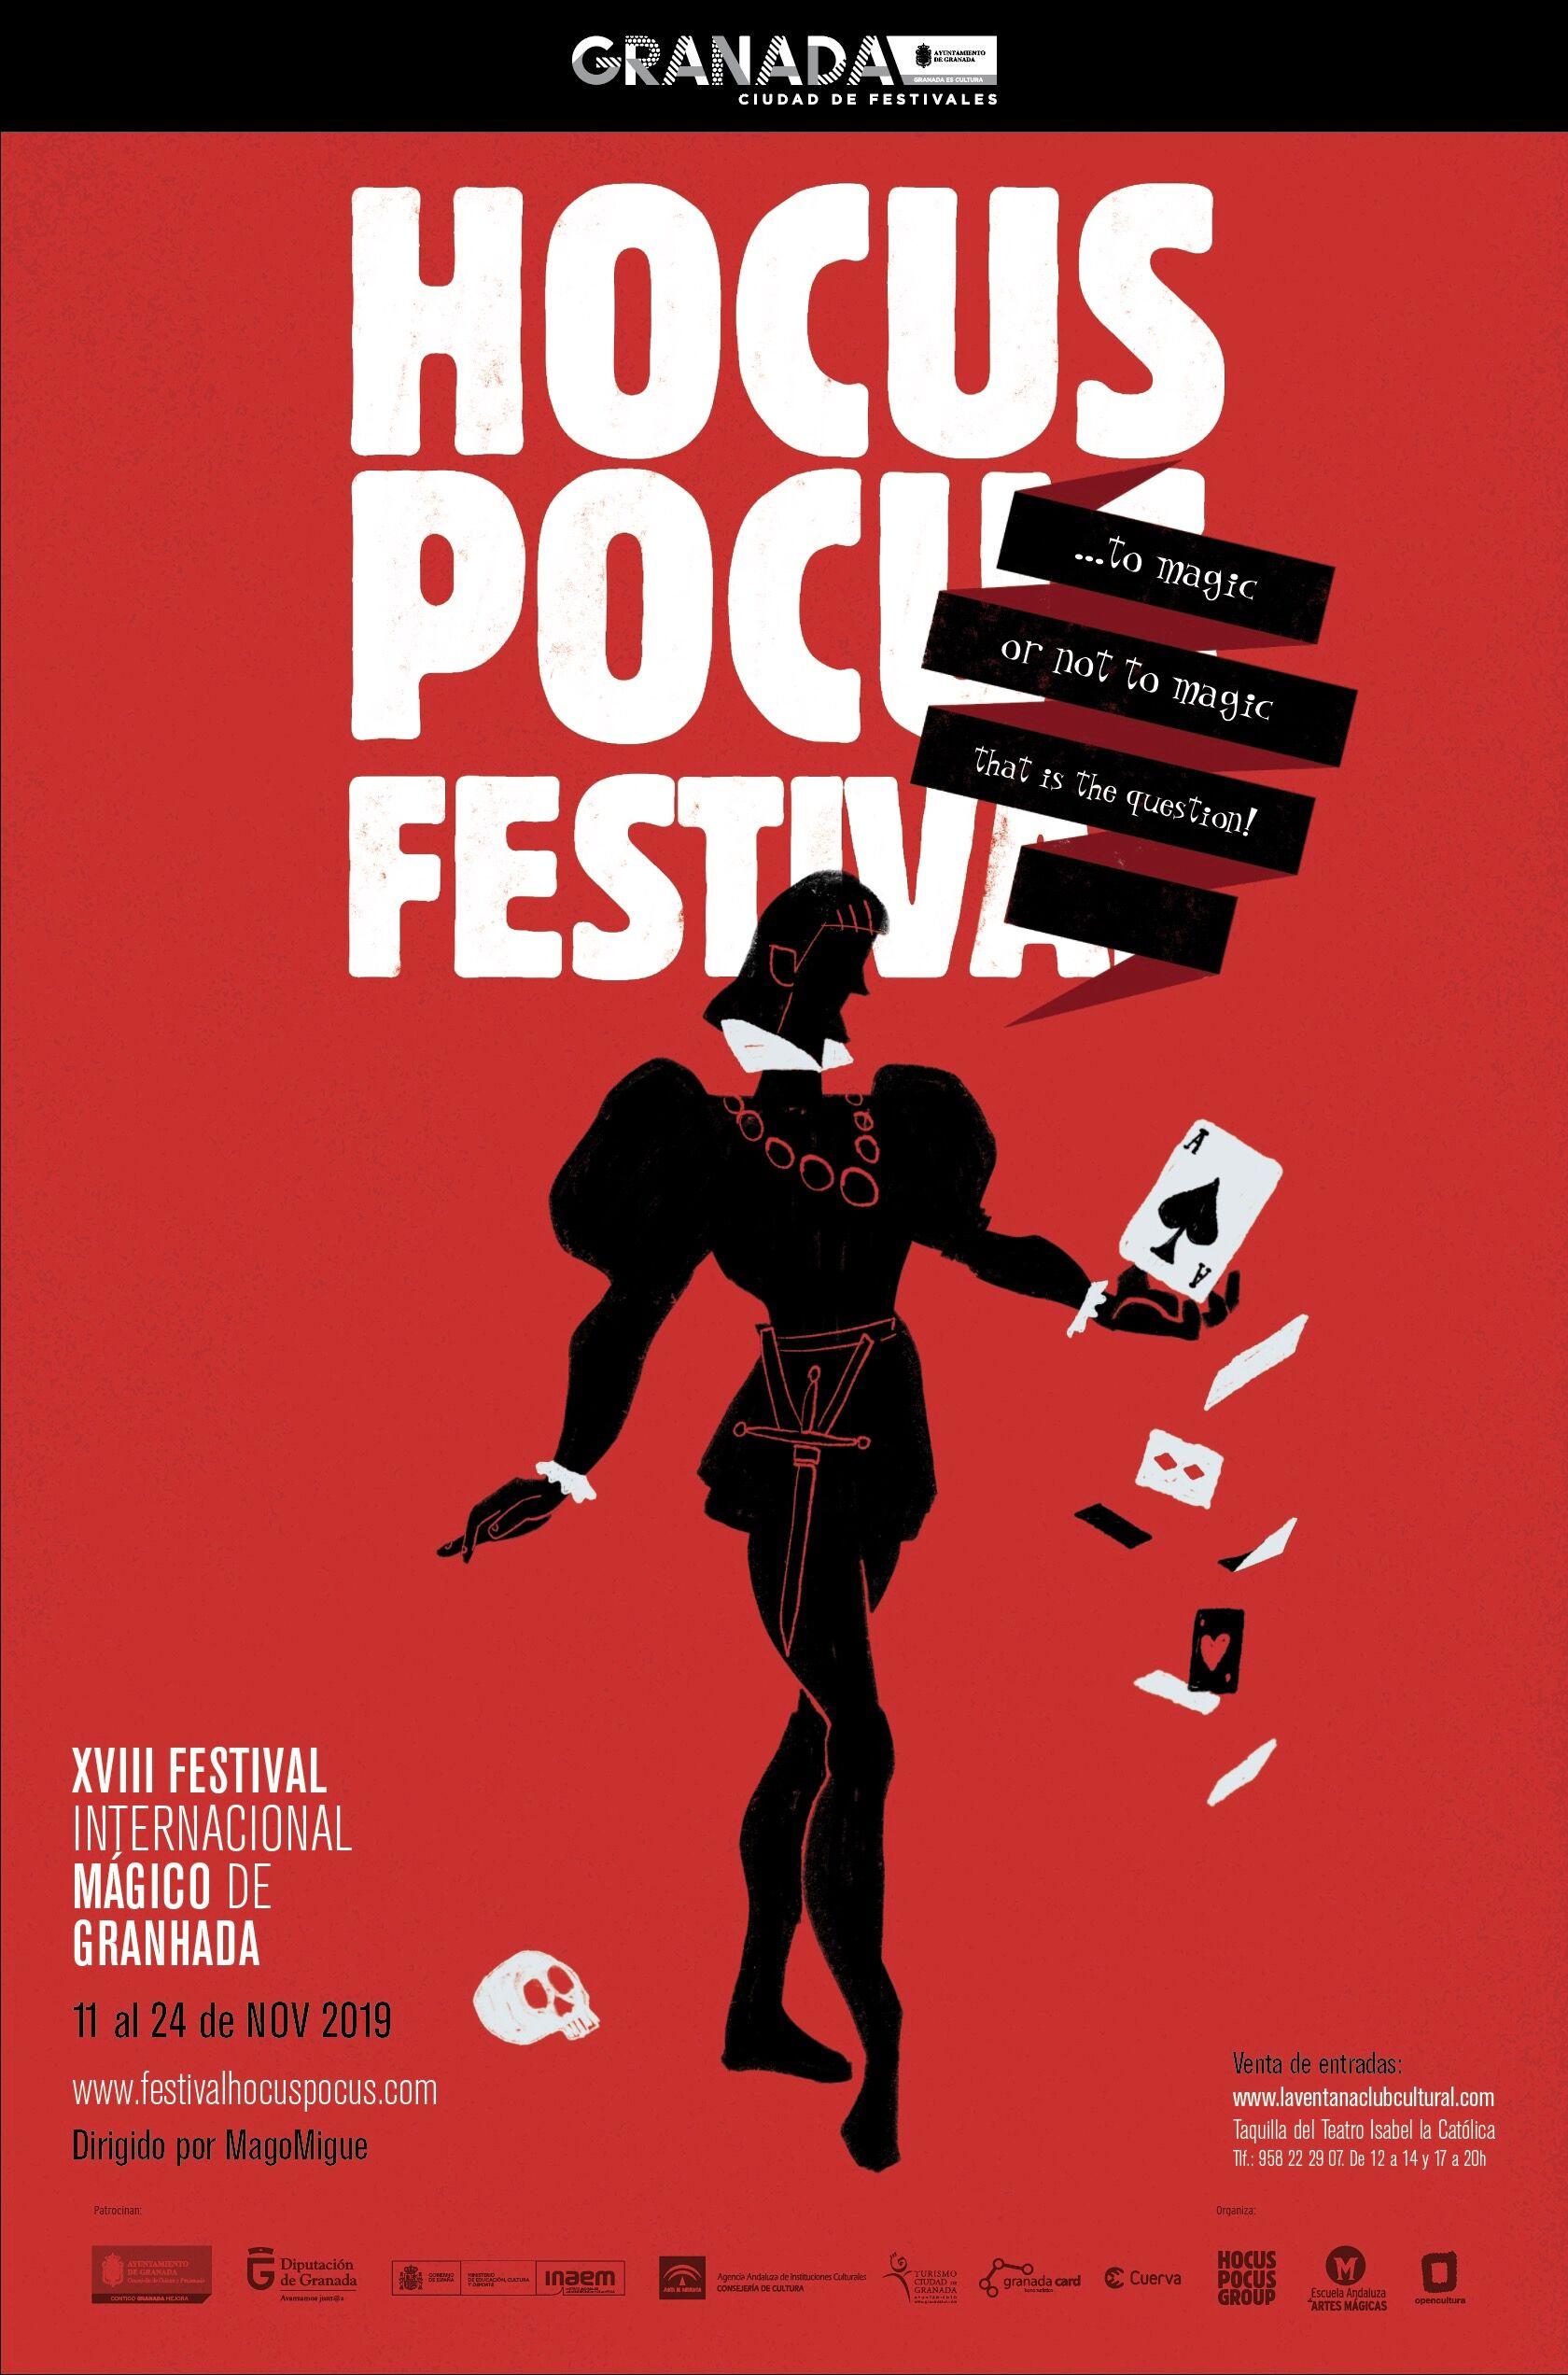 El festival Hocus Pocus llega a sus 18 años con una edición dedicada a la magia del teatro